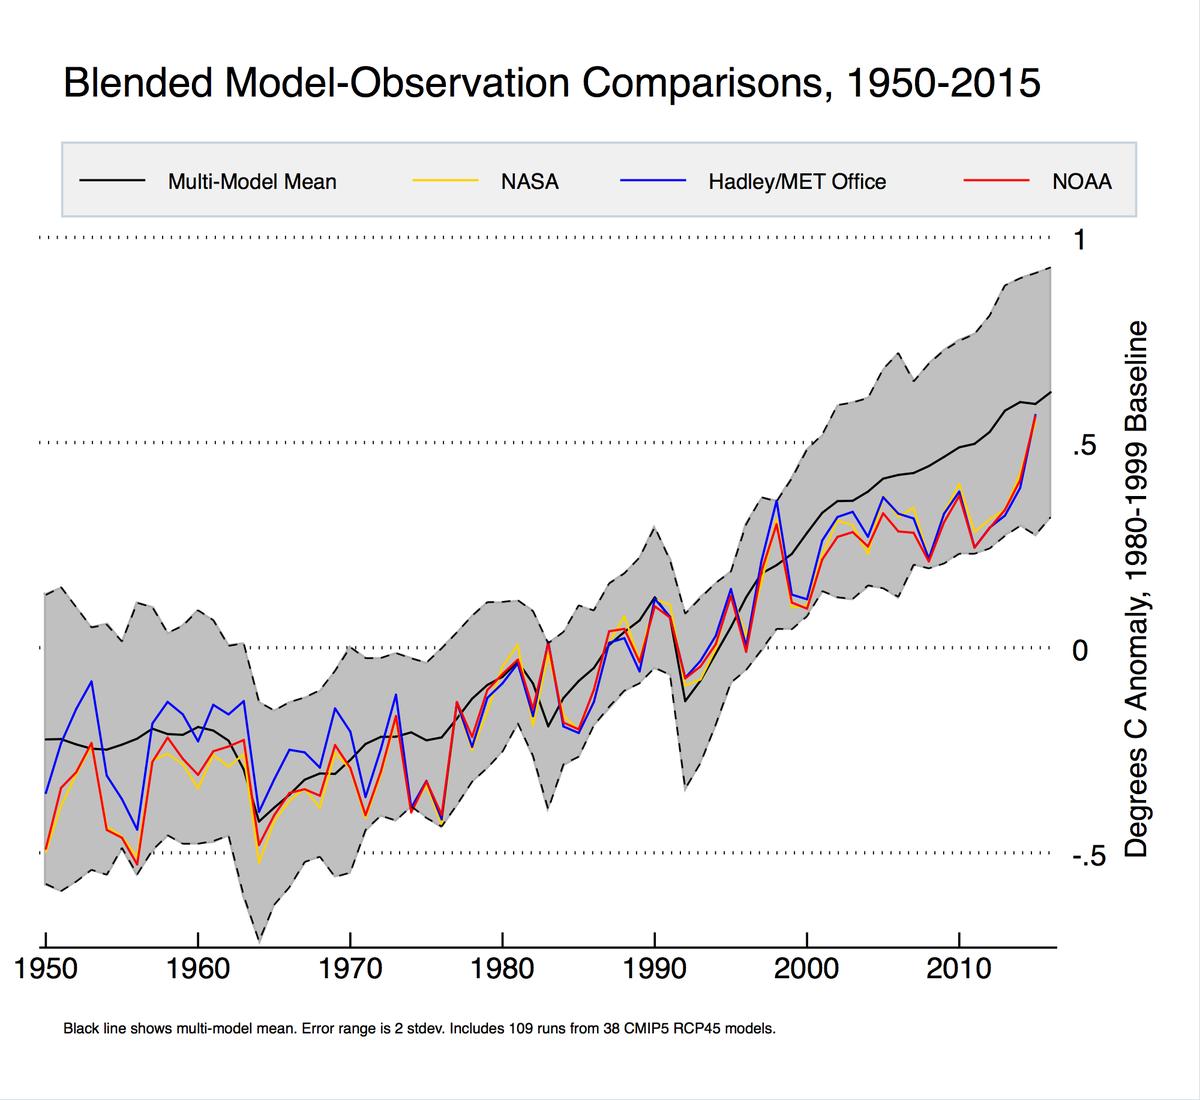 Blended Model-Observation Comparison 1950-2015